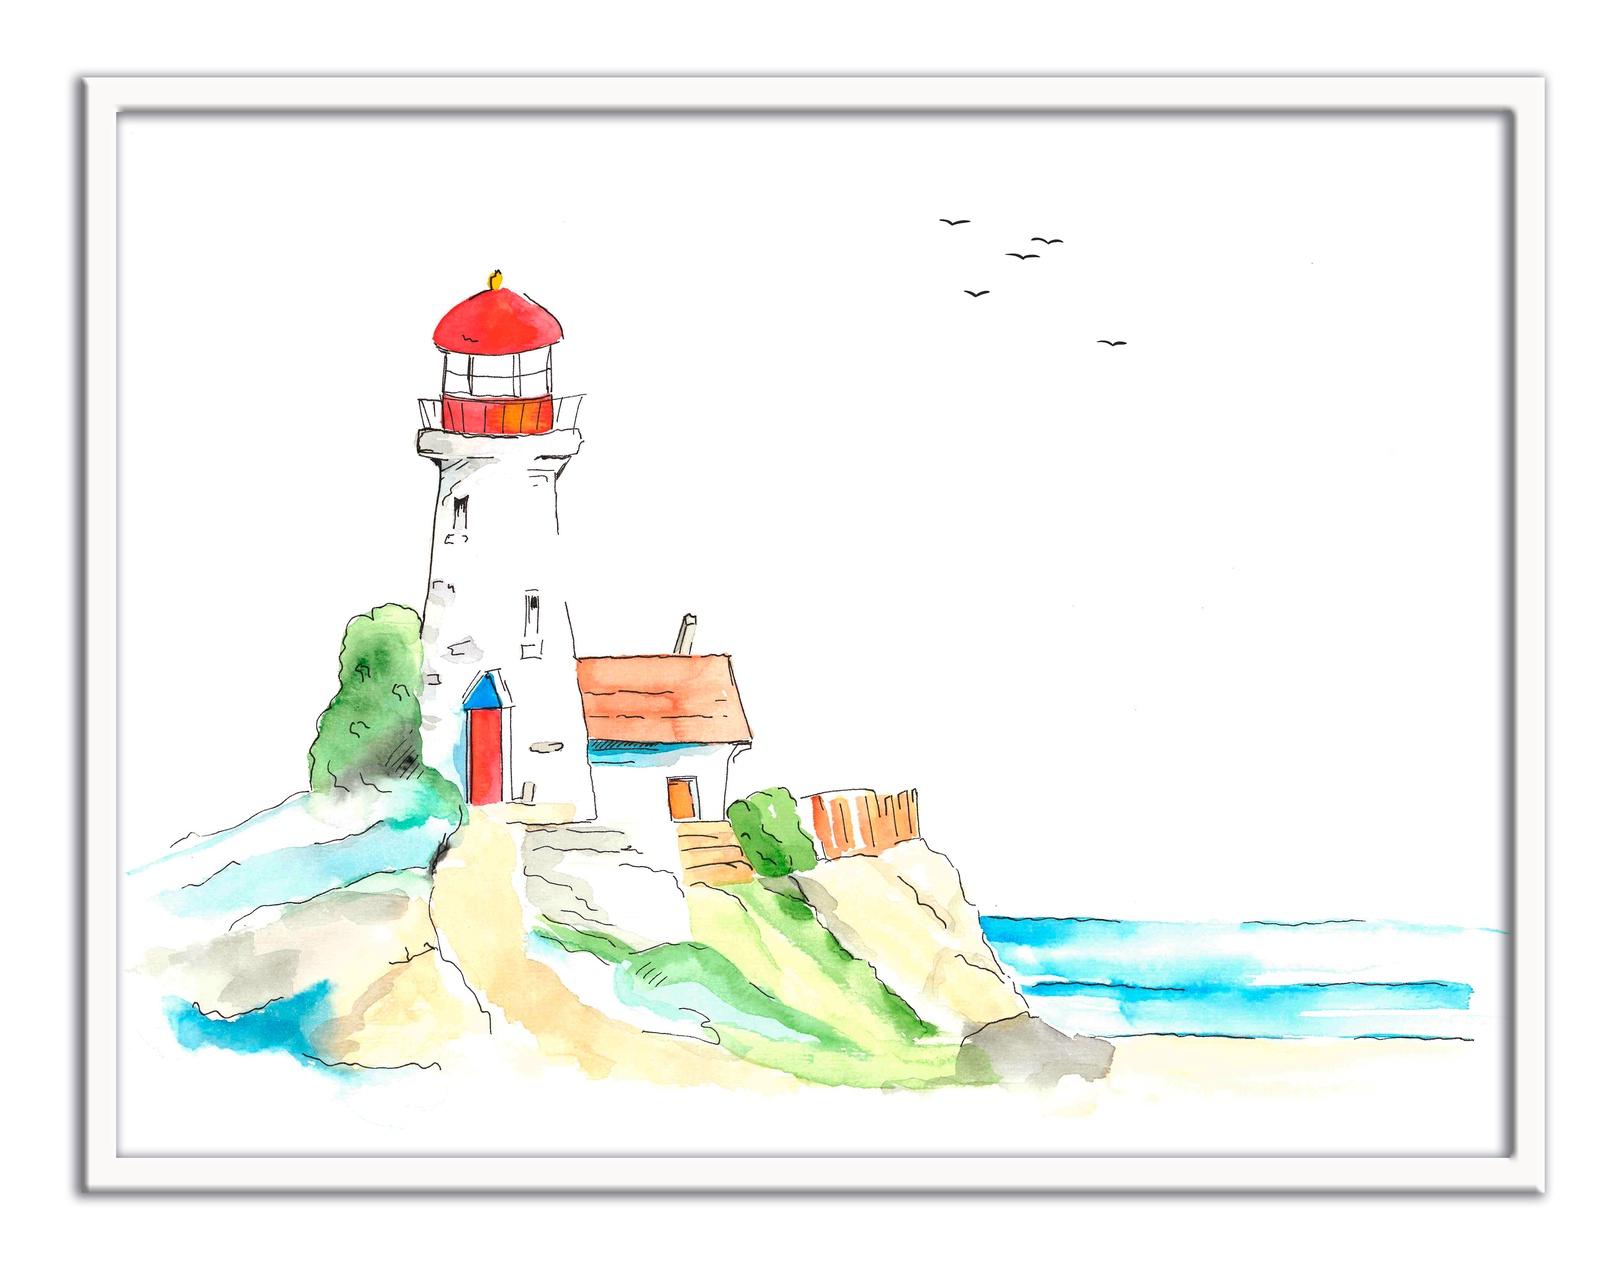 Картина The White Garden TVER Маяк, белый, красныйTWG69R11V06Авторская картина Маяк выполнена вручную акварельными красками, оформлена в белую рамку со стеклом. Стильная и необычная картина впишется в любой интерьер.